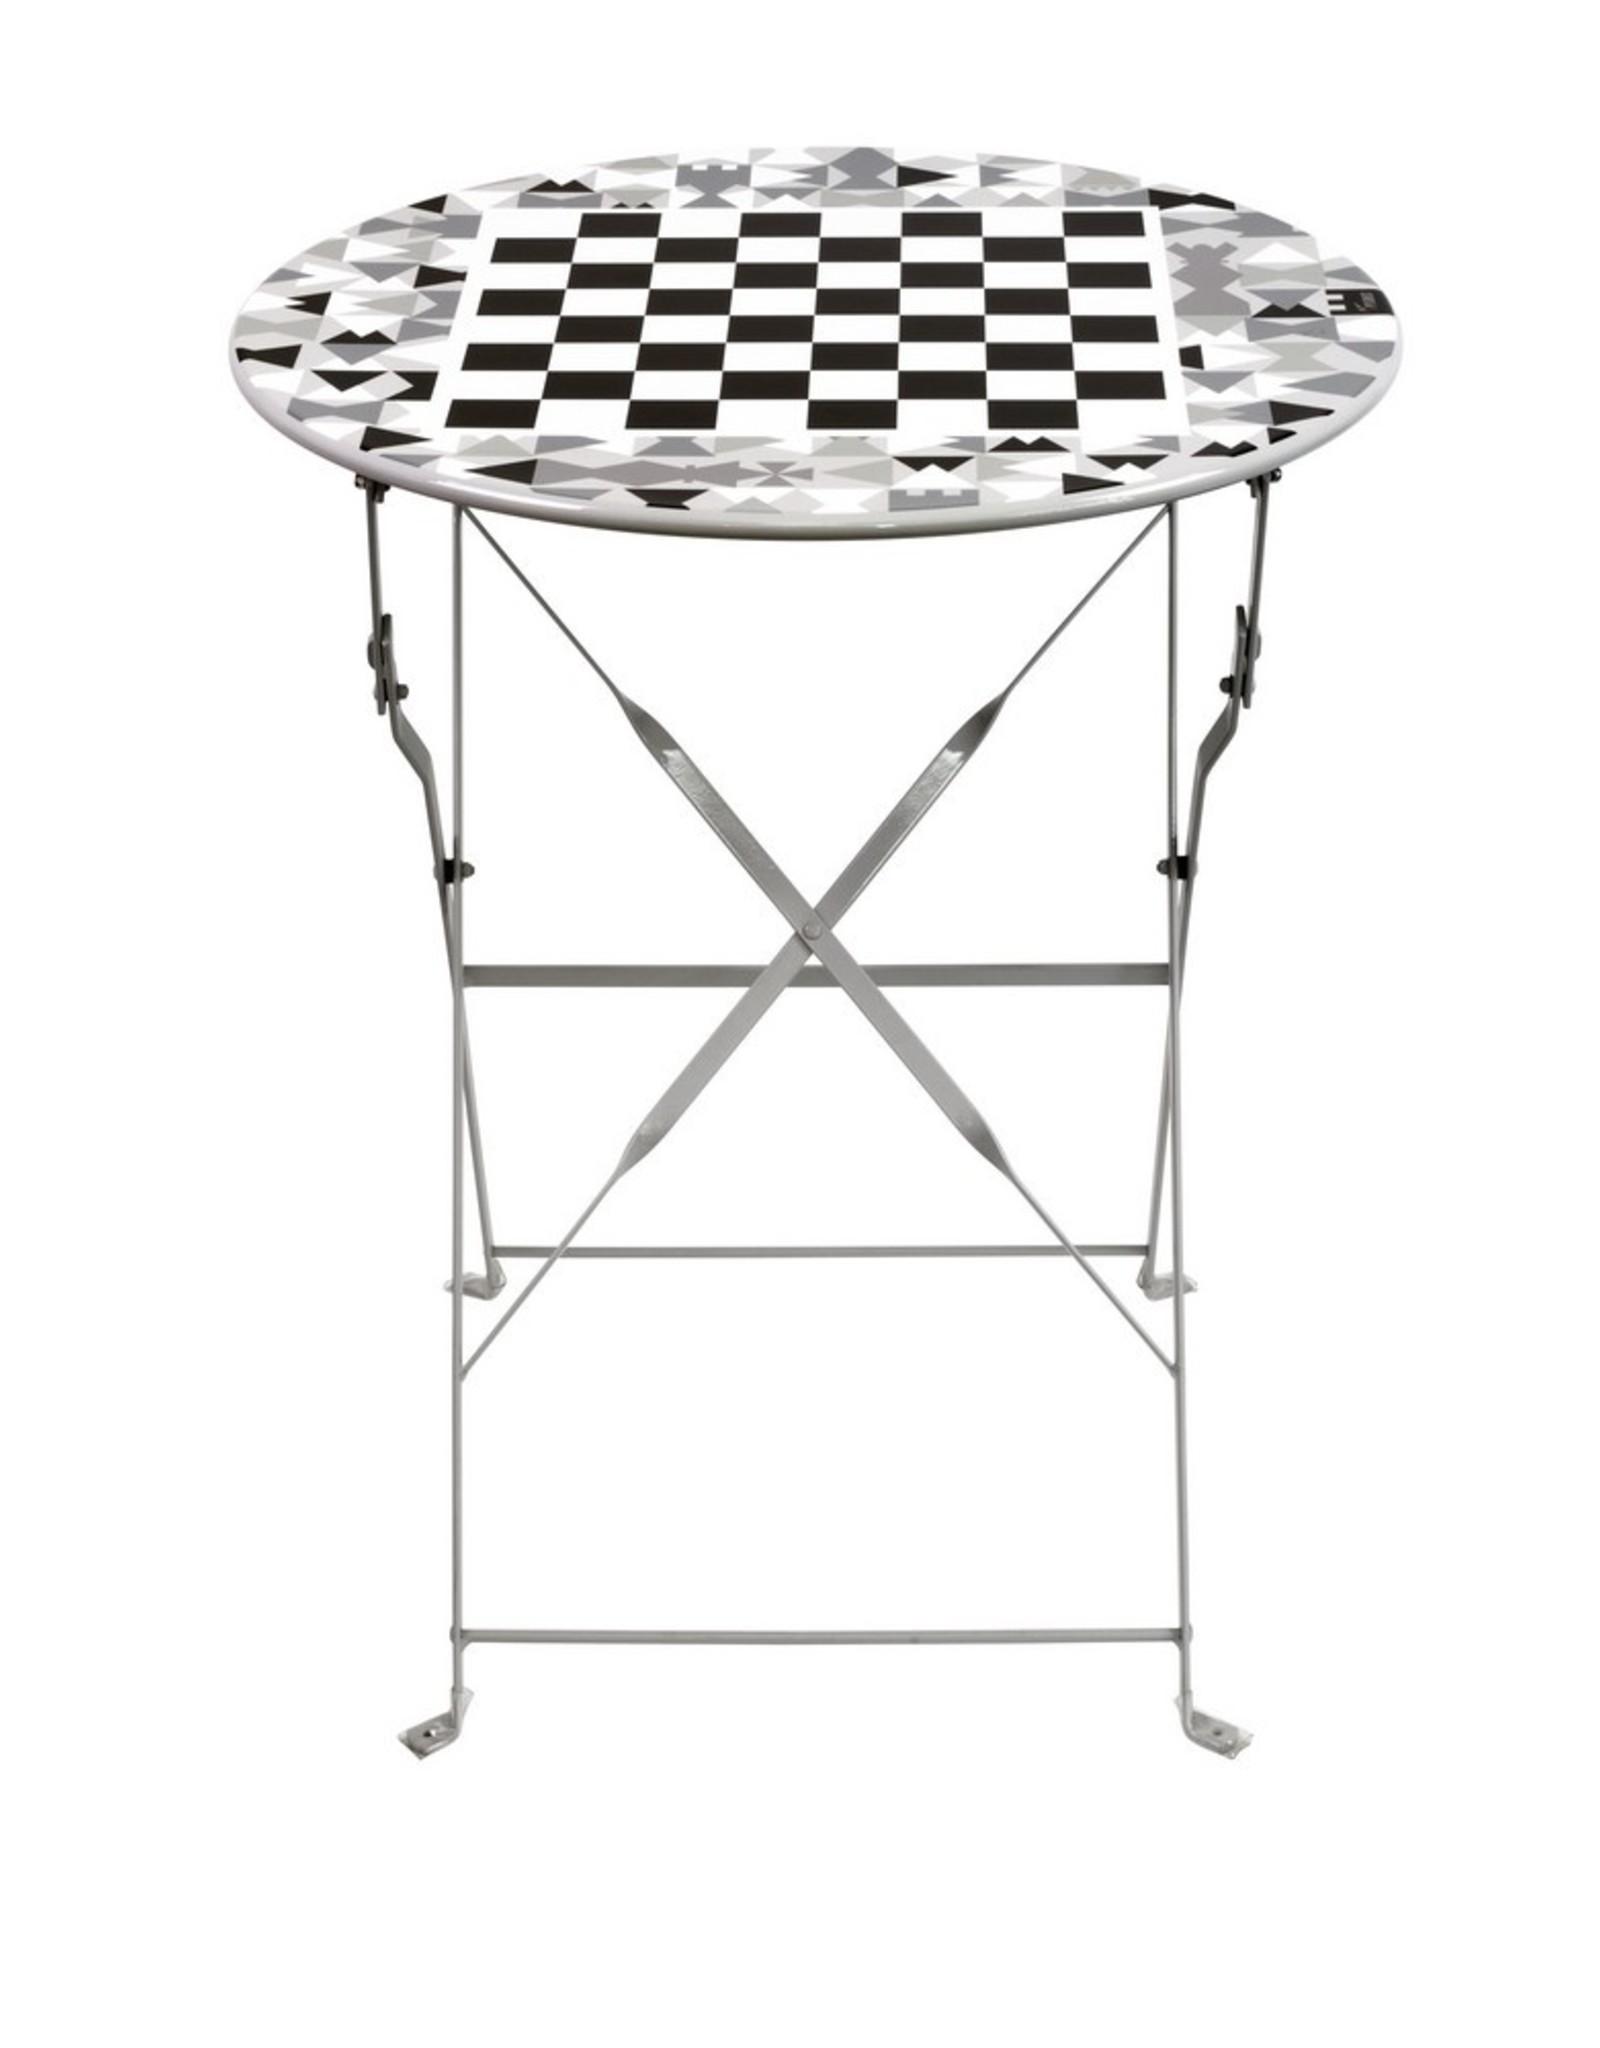 Pylones Tuintafel Chess